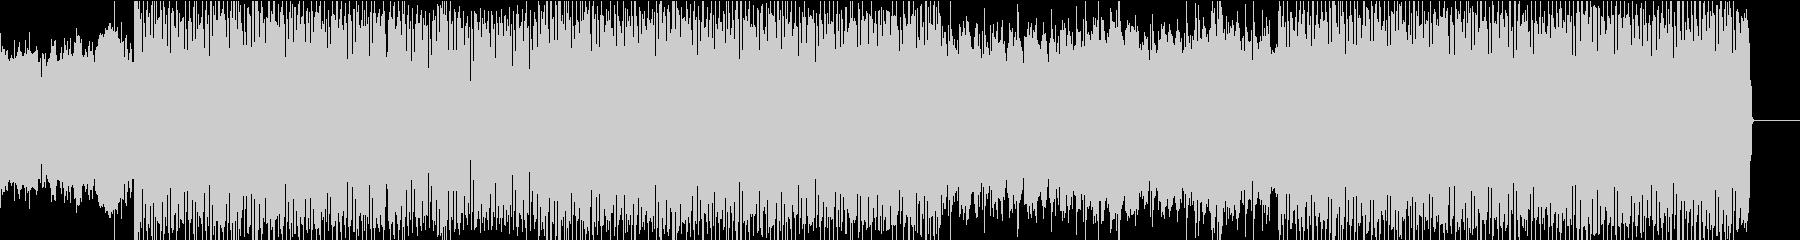 ハードなエレクトロダンスミュージックの未再生の波形